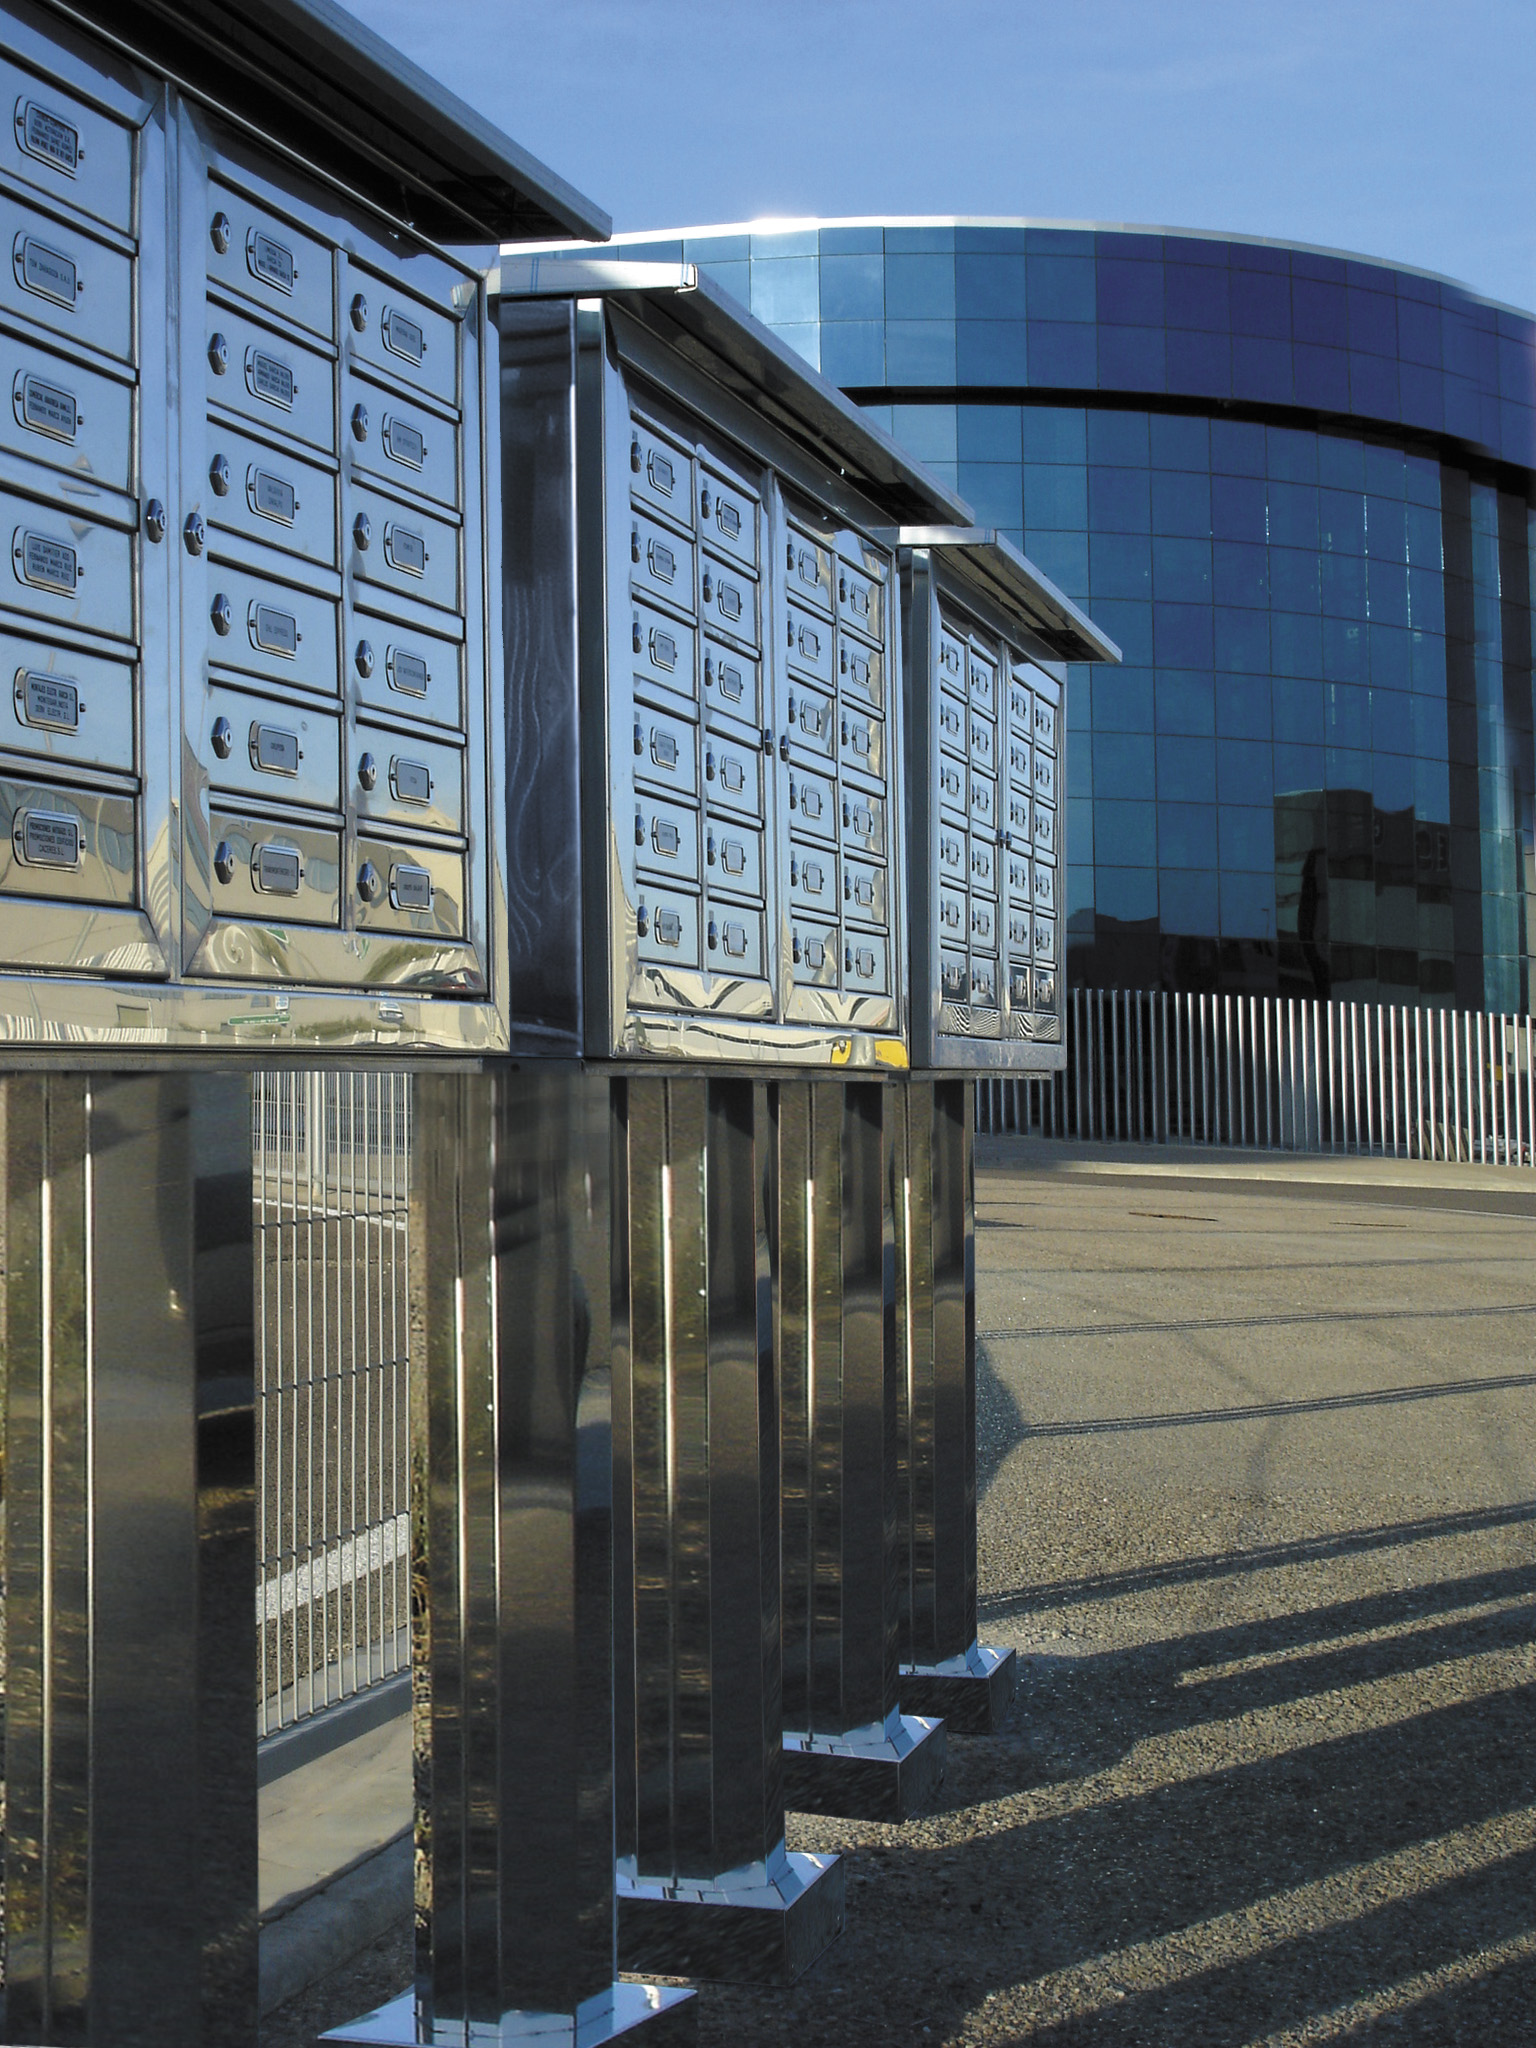 Sagastume Buzones - CENTURY - 18 - Distribuidores nacionales de buzones, tablones de anuncios, cestas de publicidad, señalizaciones, papeleras,... dirigido a comunidades de propietarios y administradores de fincas.